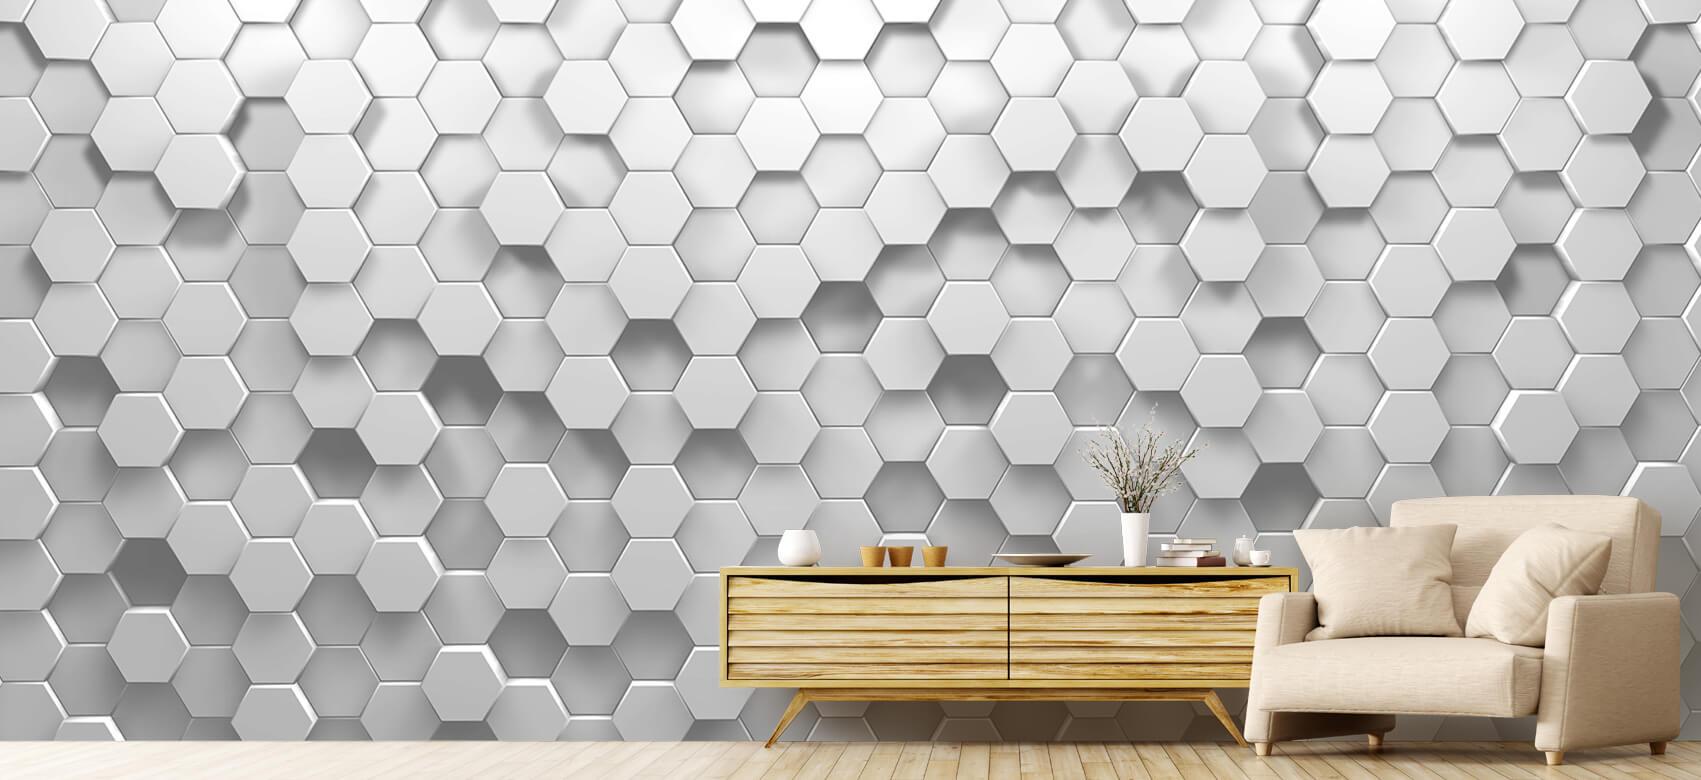 3D 3D Hexagons 5